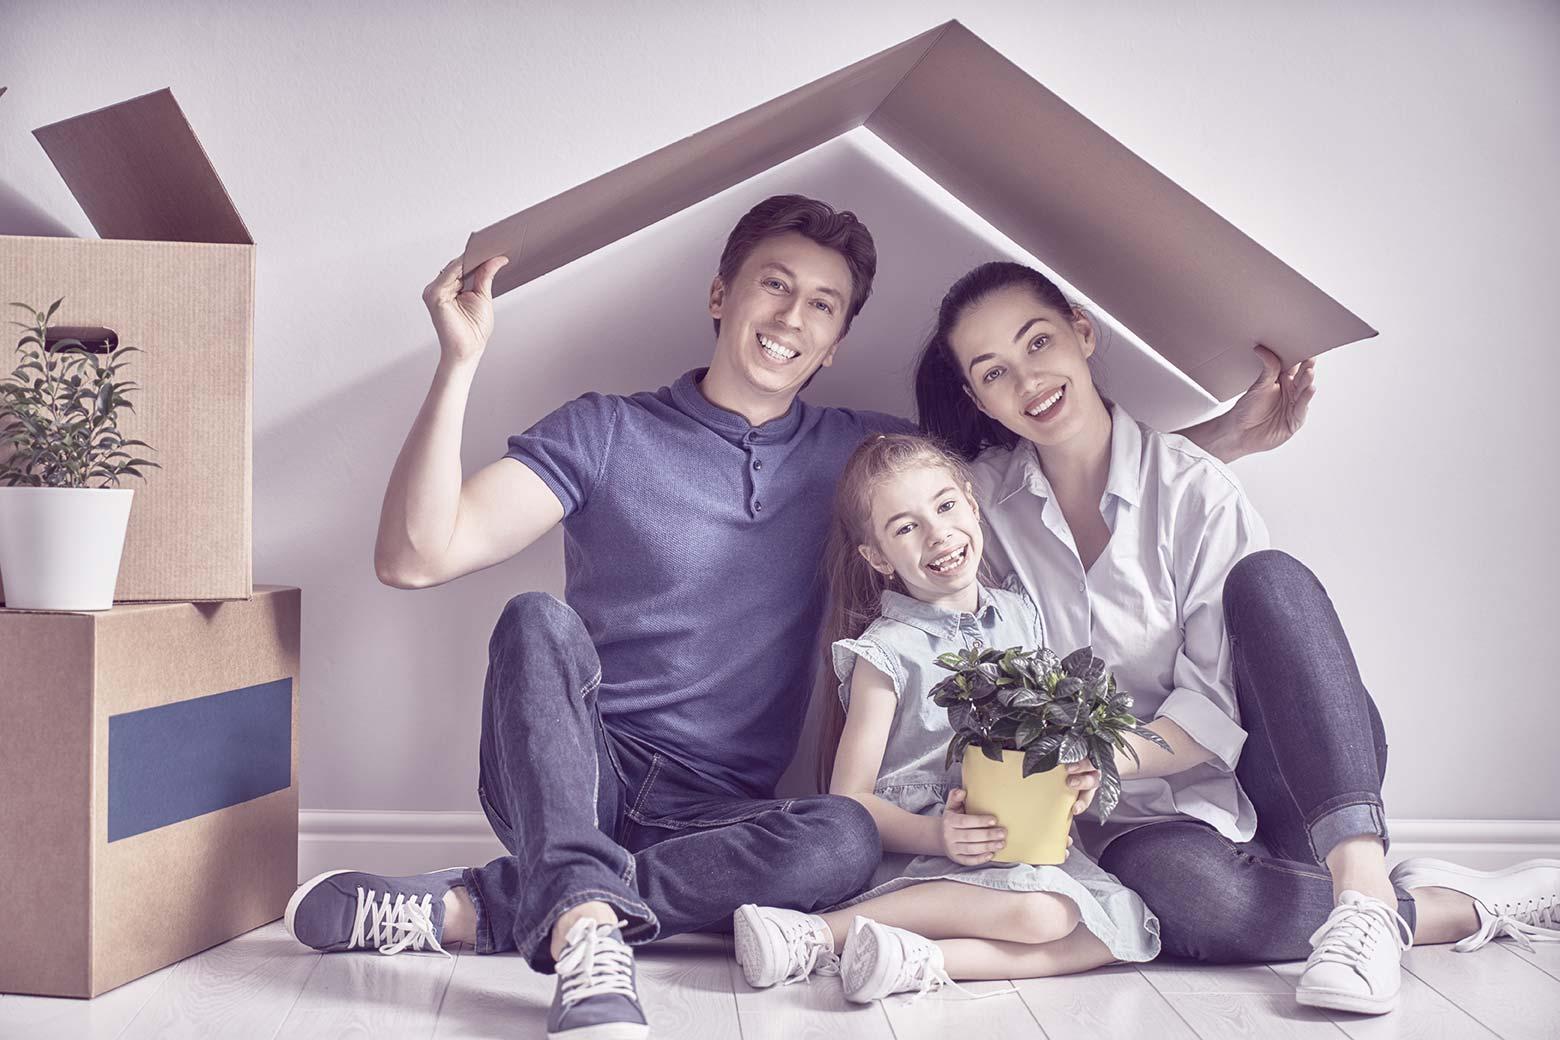 Seguro Residencial: Quais são as coberturas mais importantes?